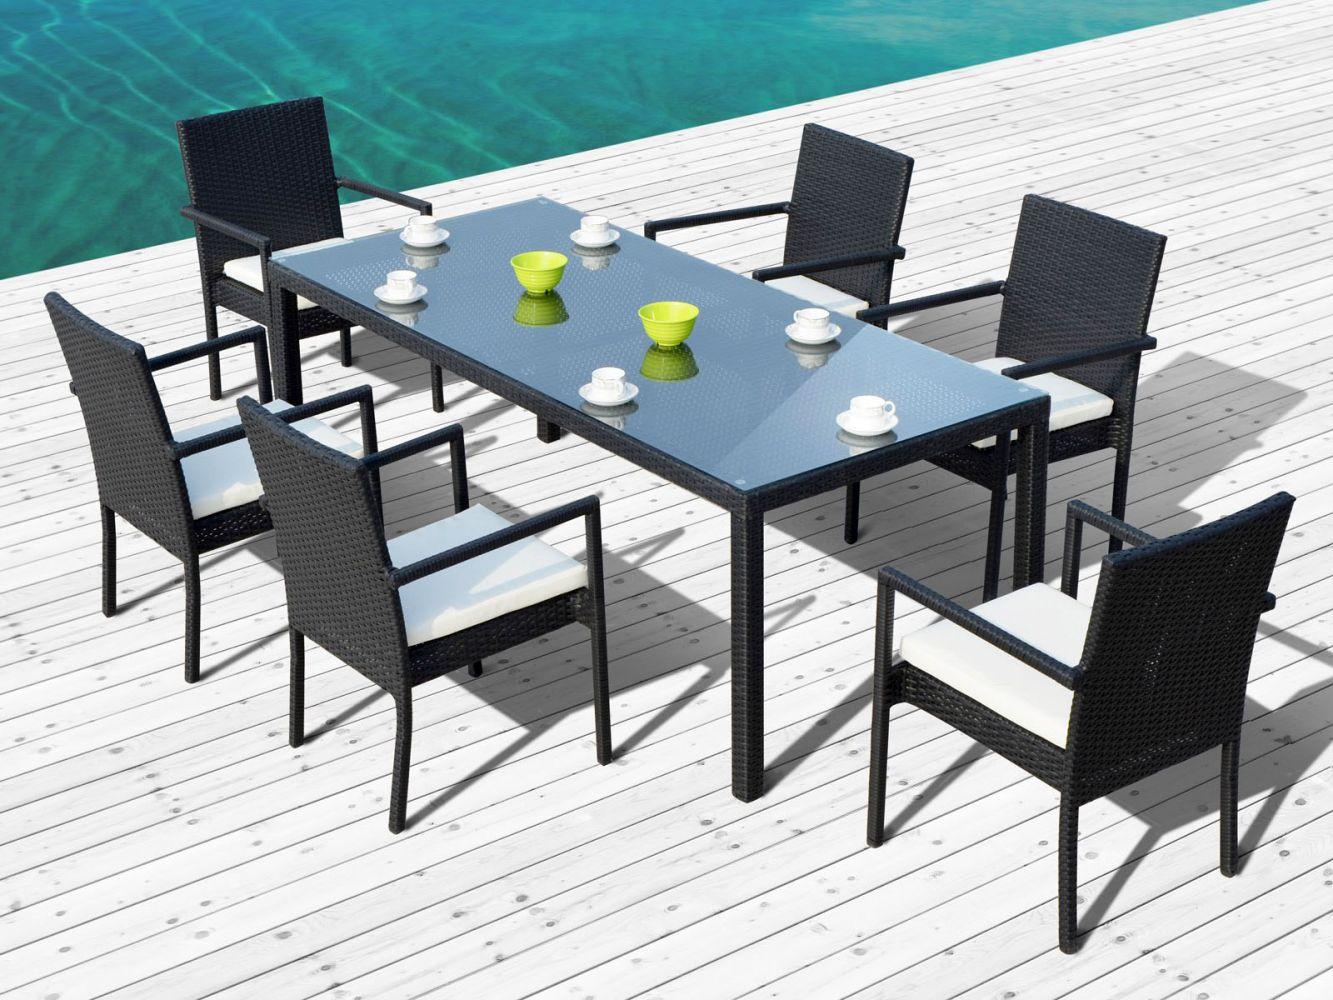 Ensemble Table Avec Chaises De Jardin En Résine Noire Atlas ... concernant Table Et Chaise De Jardin Design